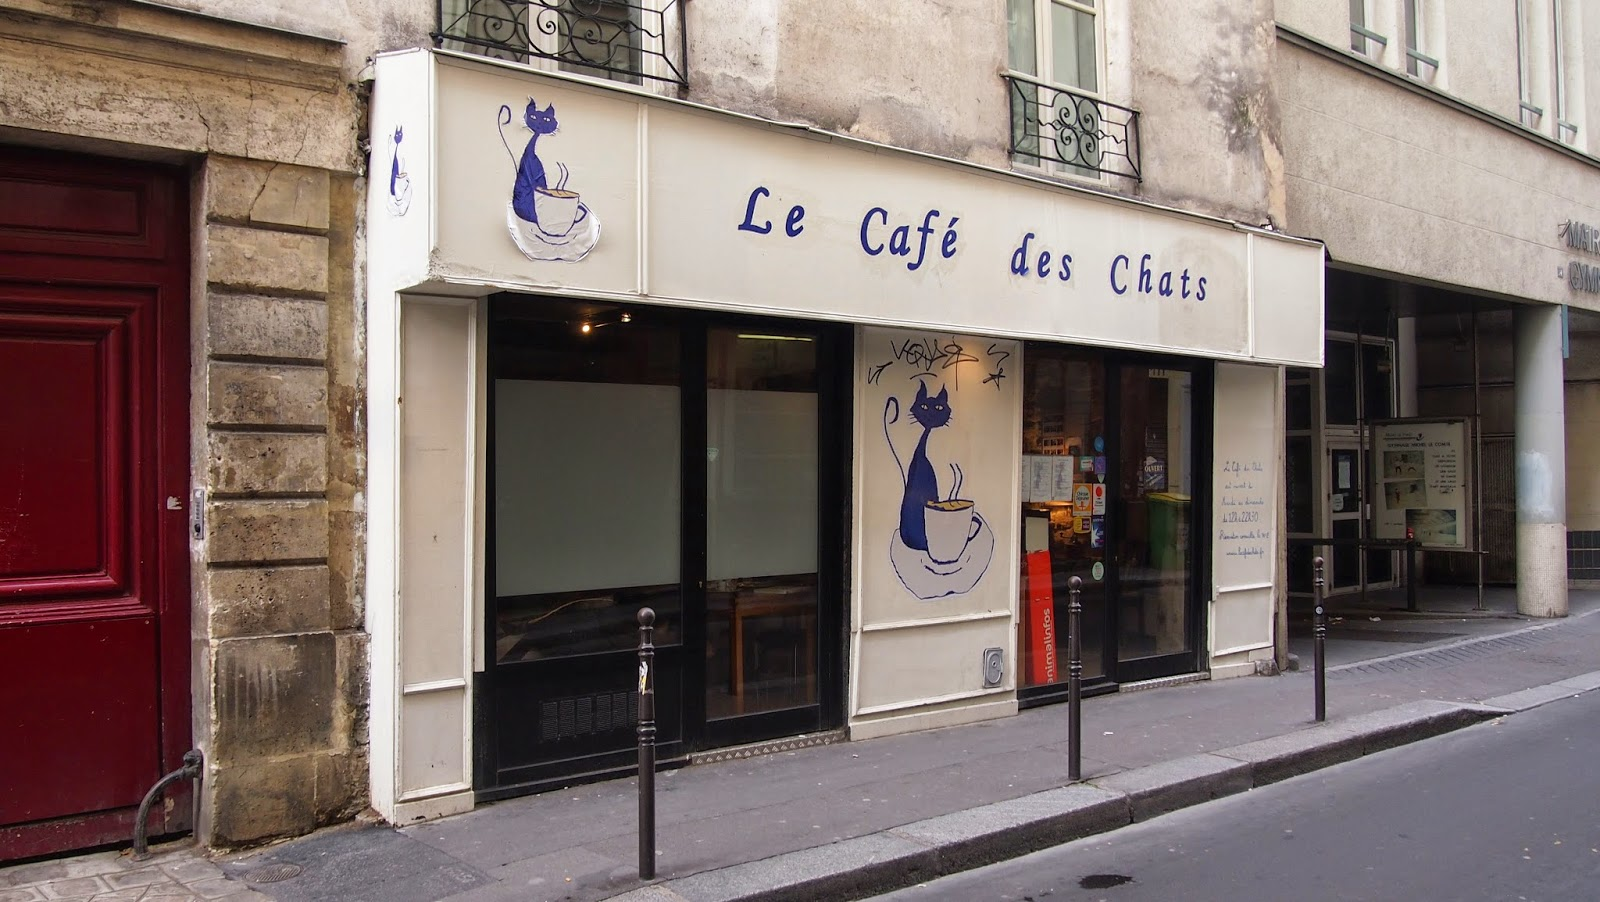 パリ猫カフェ外観の写真